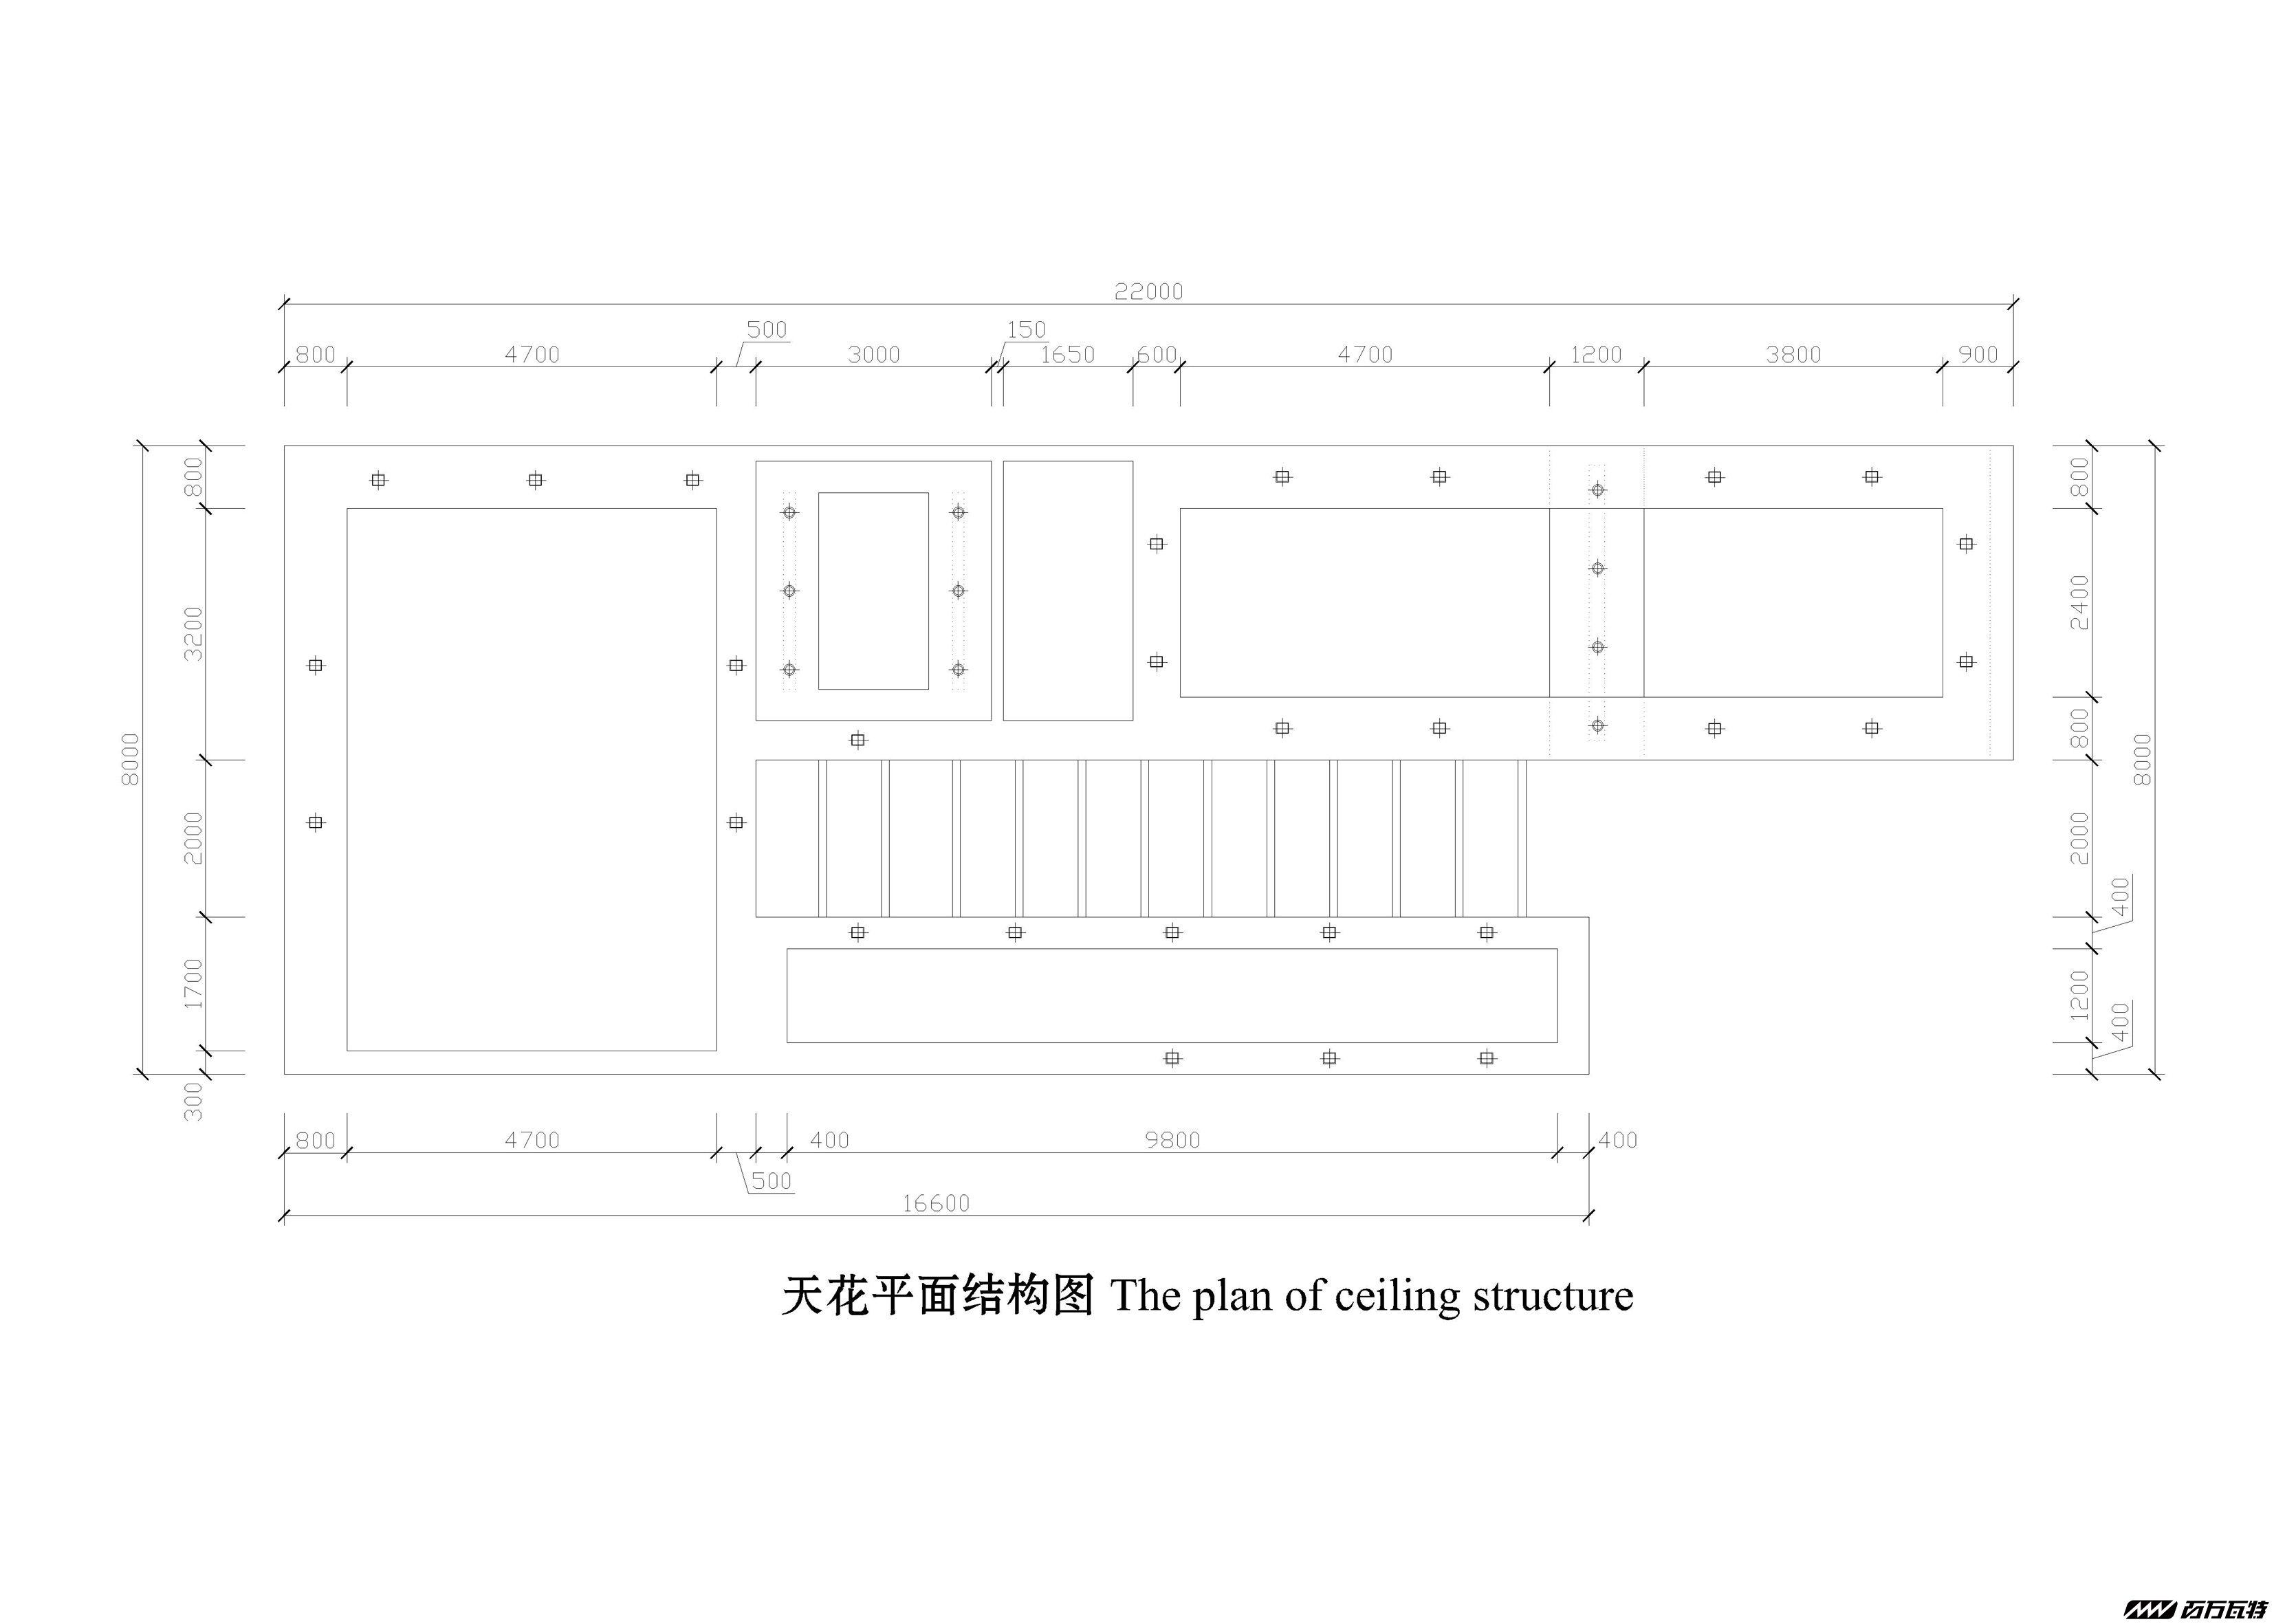 格力施工图-4.jpg